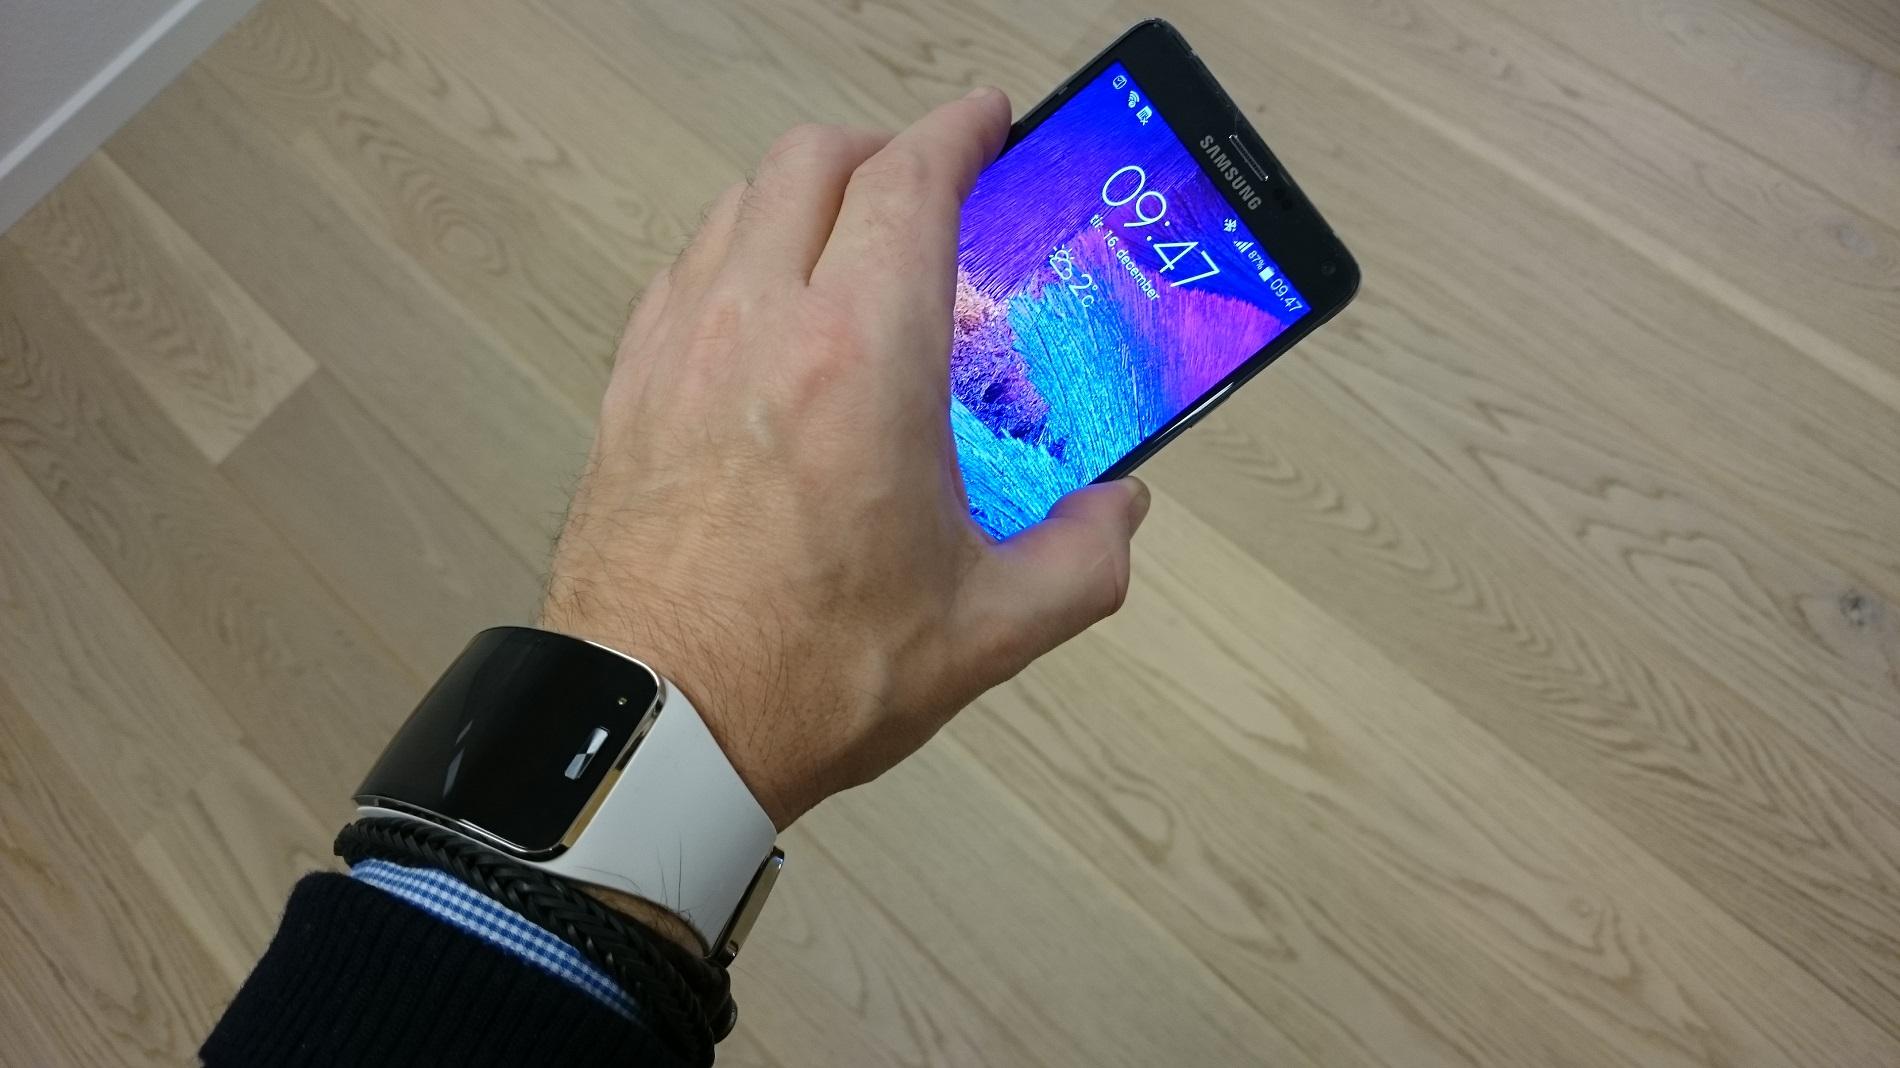 Test af Samsung Note 4